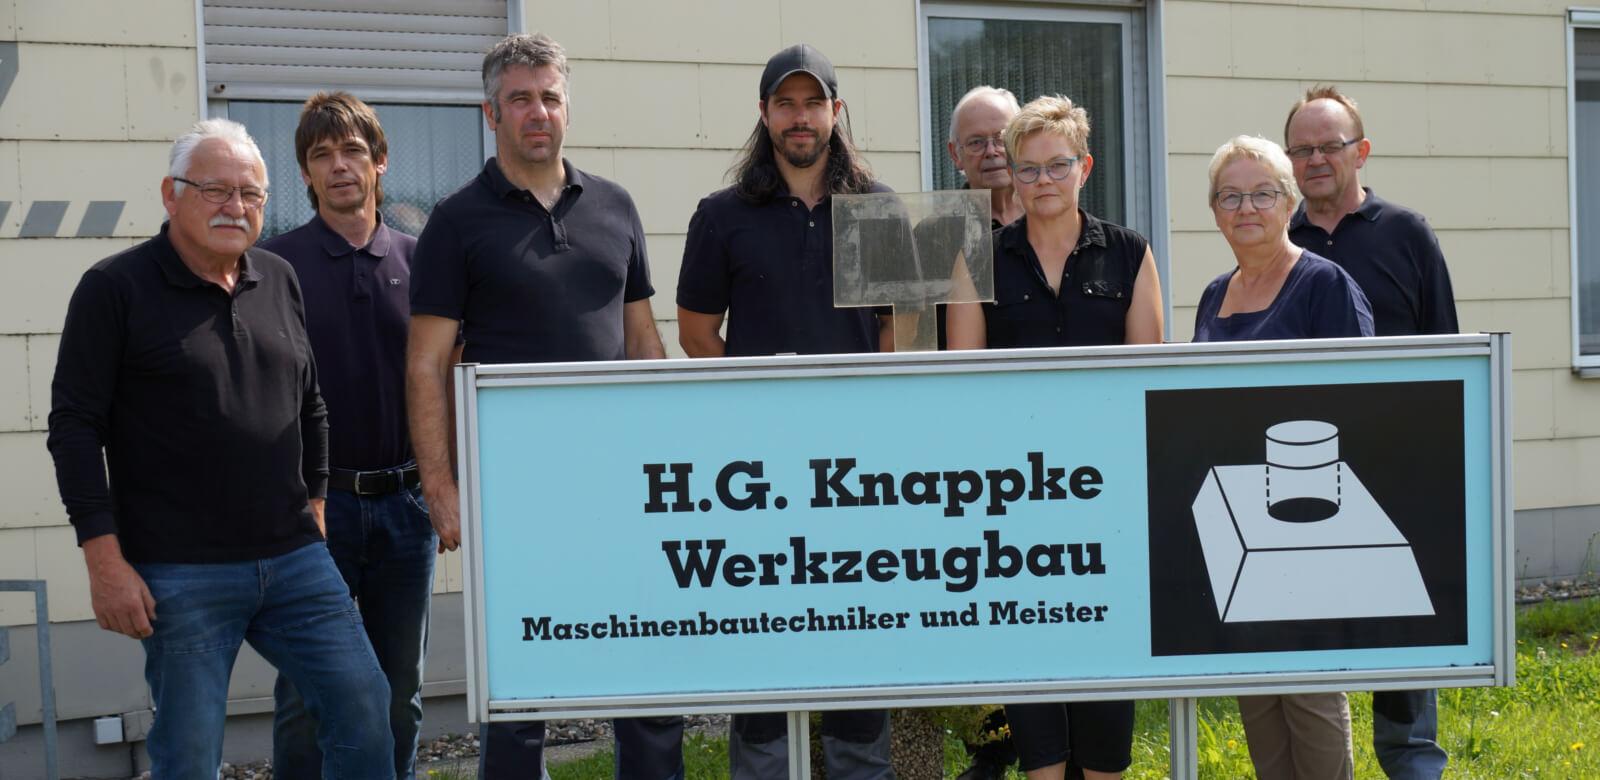 Mitarbeiter Knappke Werkzeugbau - Gruppenfoto